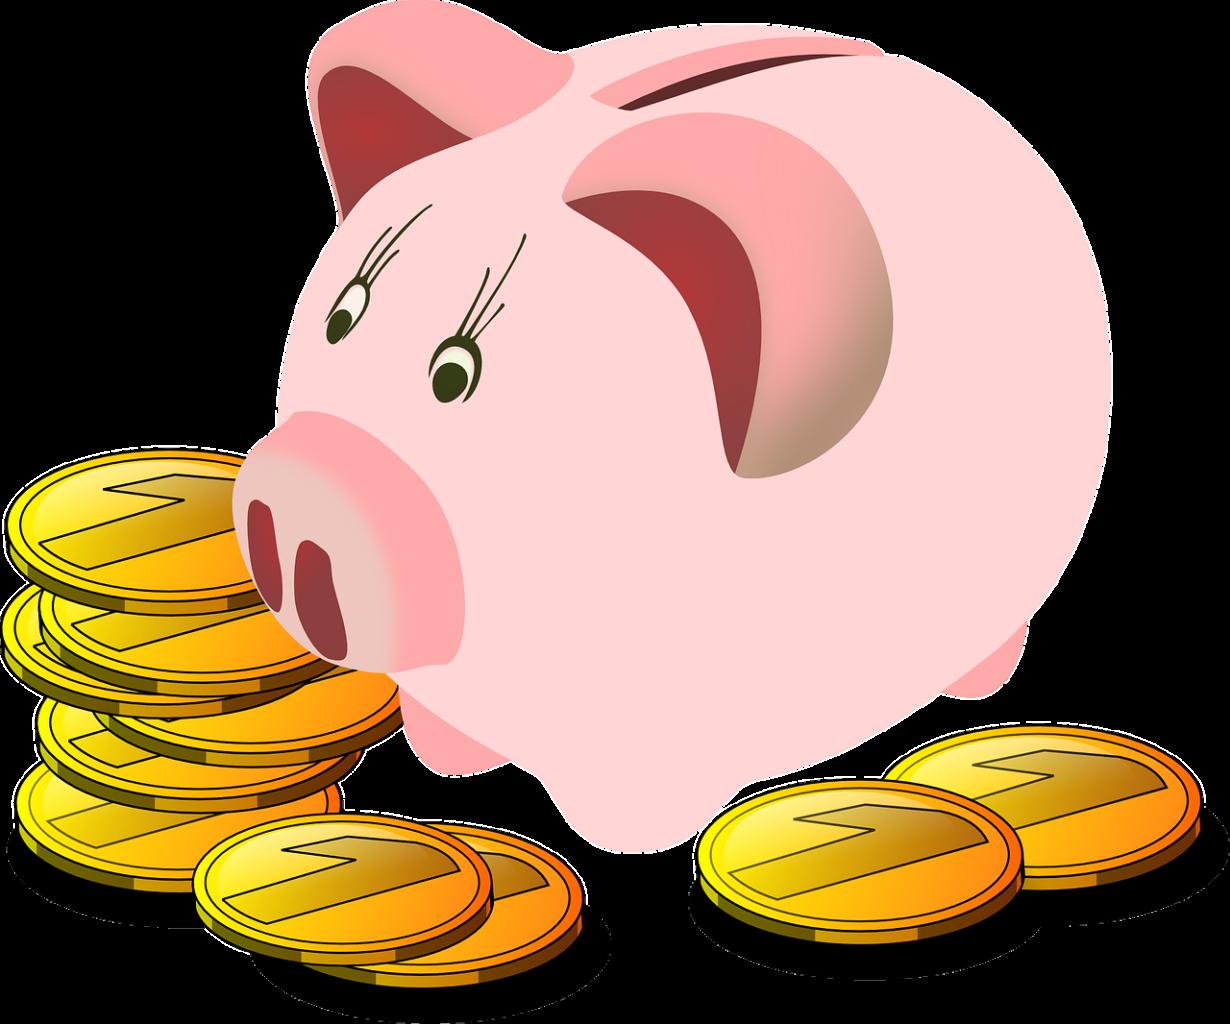 Riscos do Tesouro Direto: descubra quais são os 3 principais riscos do TD